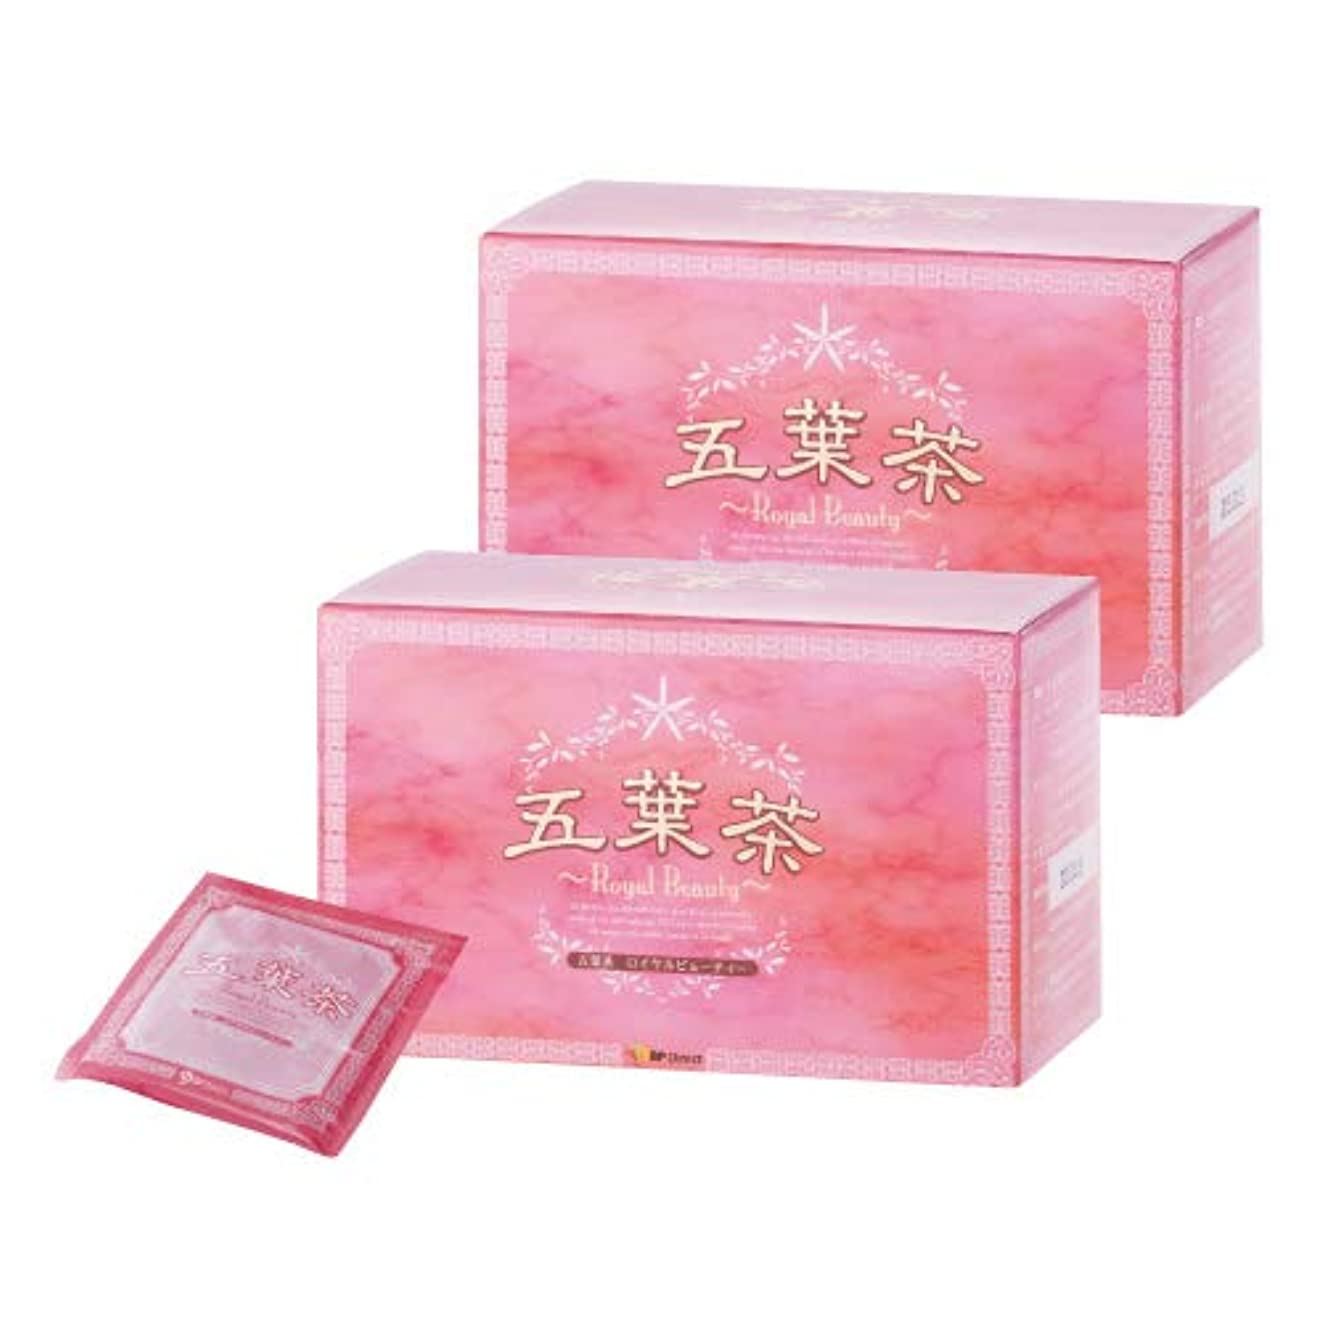 有害な会う気分五葉茶ロイヤルビューティー 30包 2箱セット ダイエット ダイエット茶 ダイエットティー 難消化性デキストリン